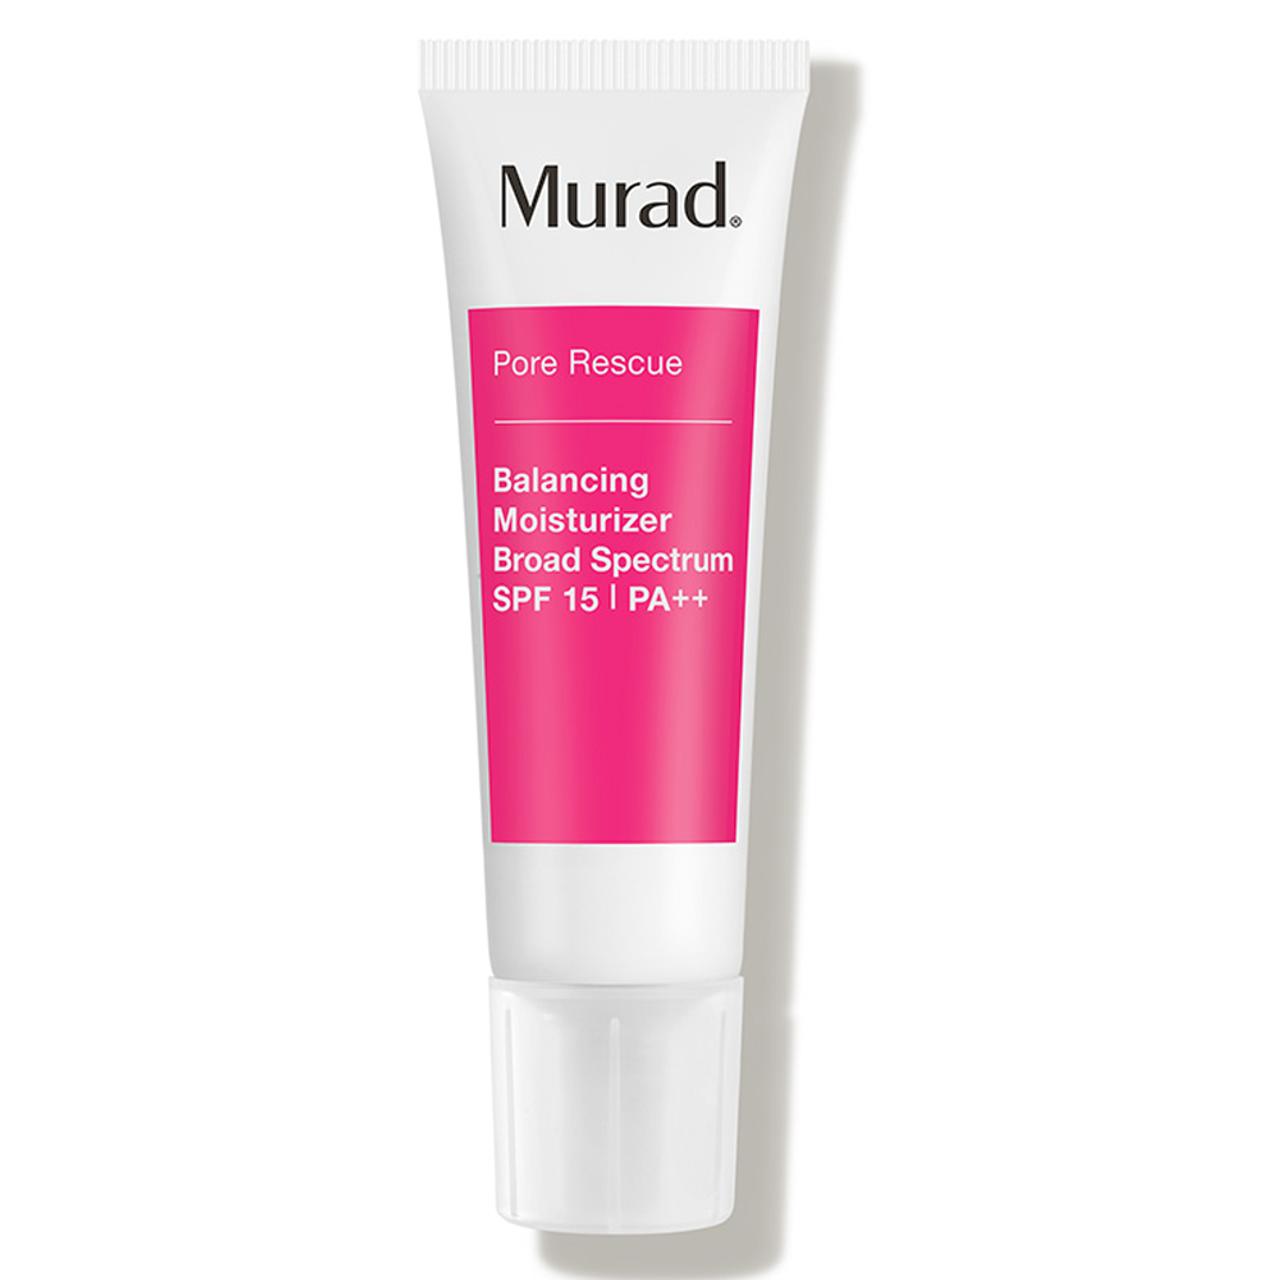 Murad Pore Rescue Balancing Moisturizer Broad Spectrum SPF 15 PA++ BeautifiedYou.com